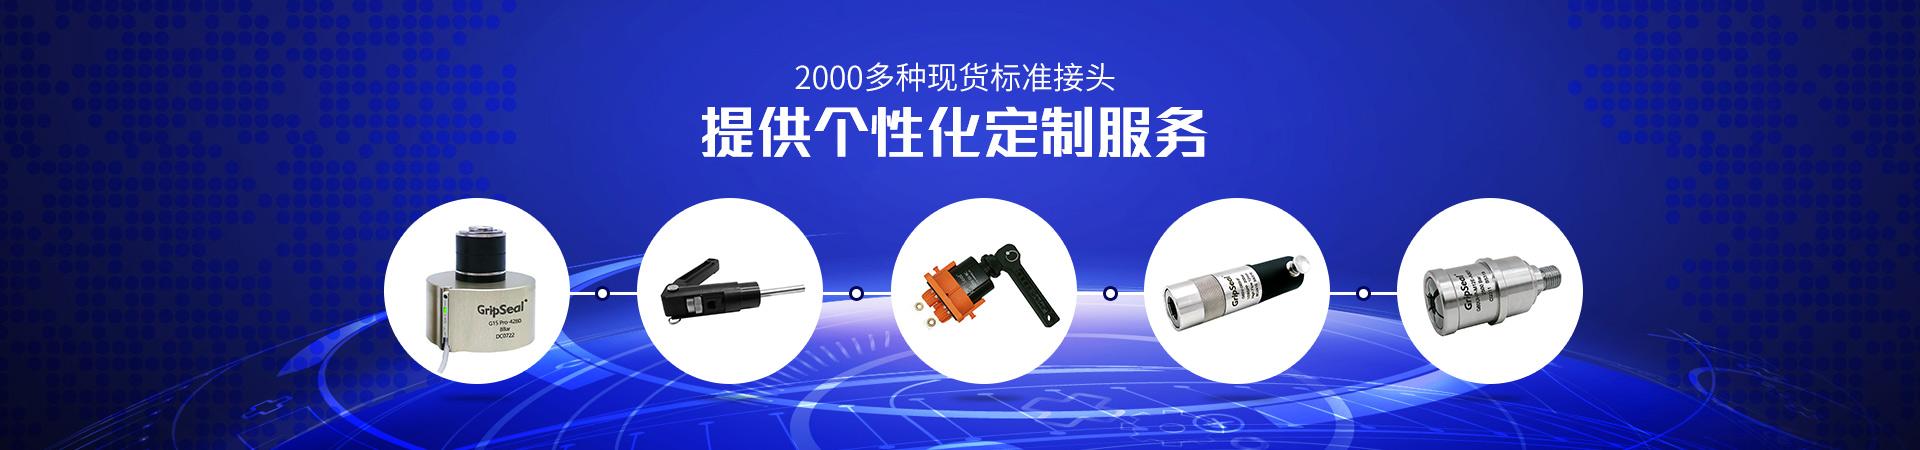 格雷希尔GripSeal 2000多种现货标准接头